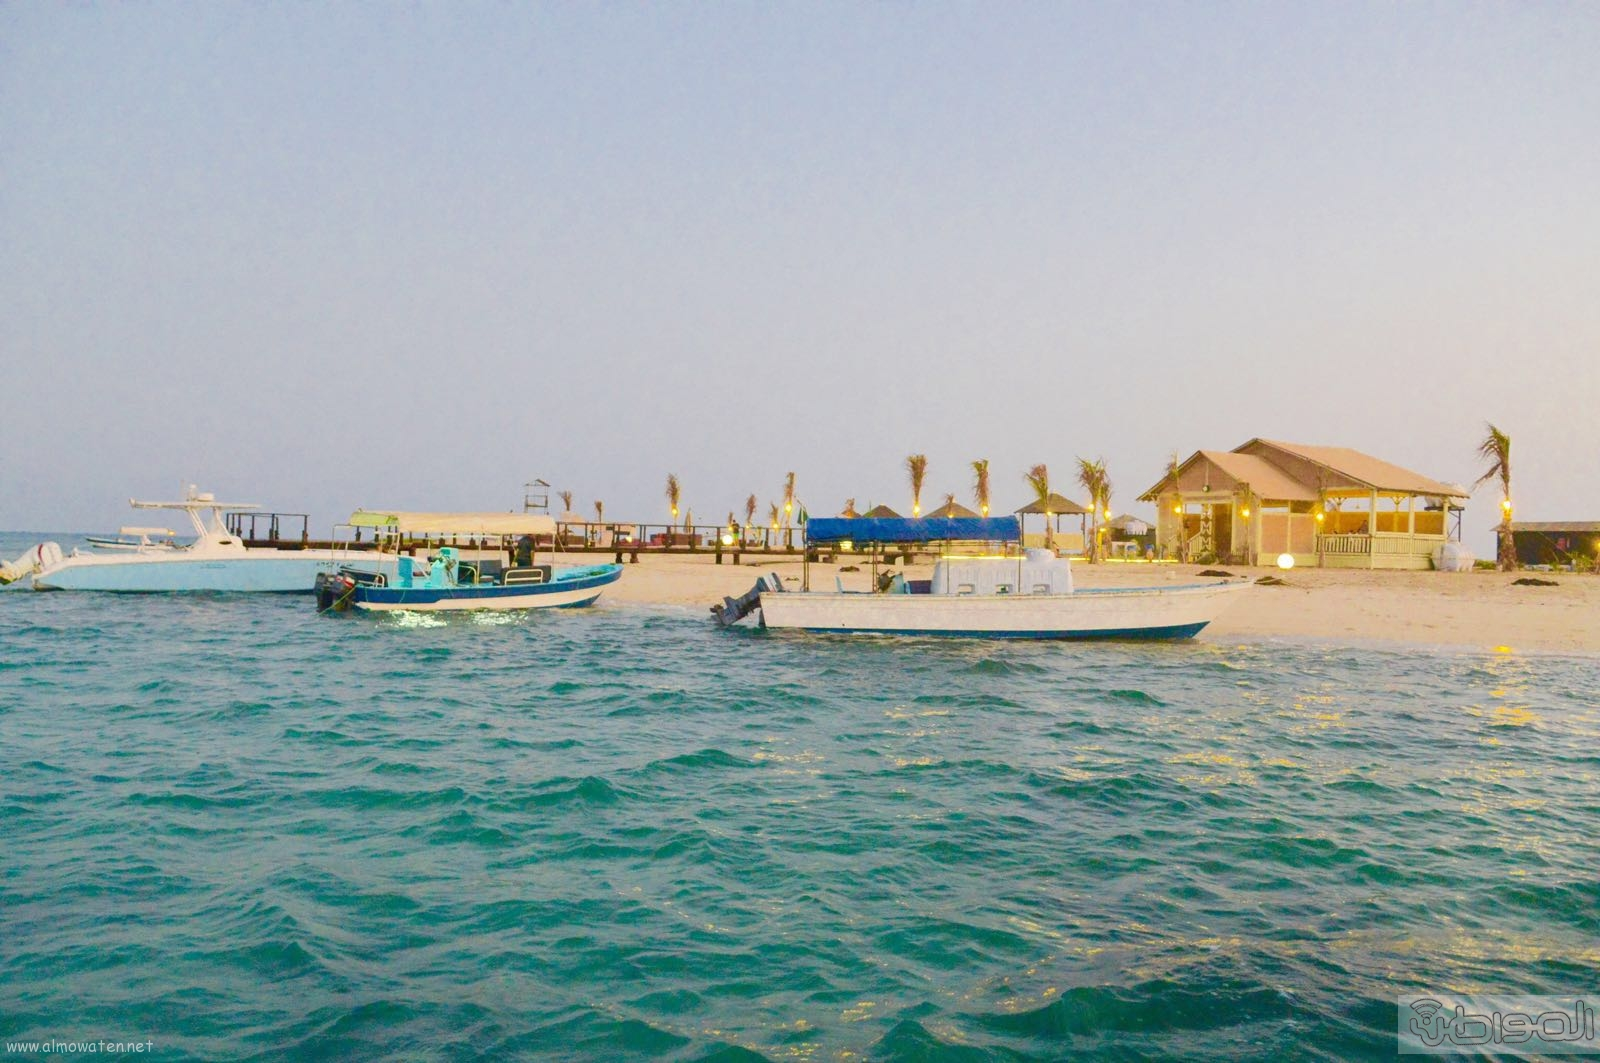 اول جزيرة يتم تهيئتها للسياحة بالمملكة (8)